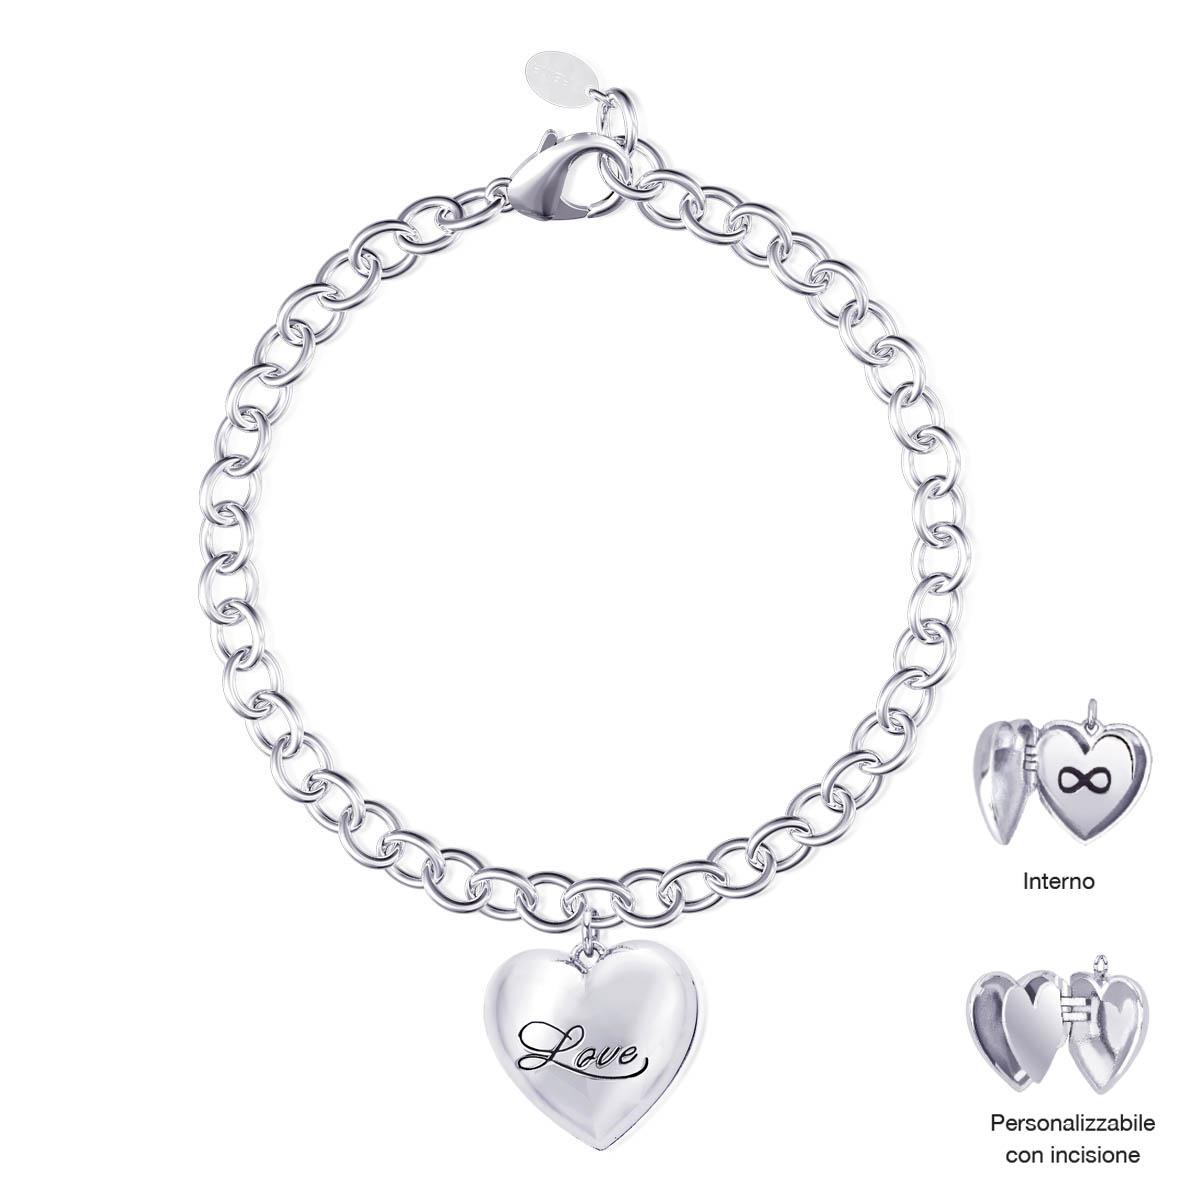 Bracciale Mabina in argento con Cuore apribile Infinito 533242